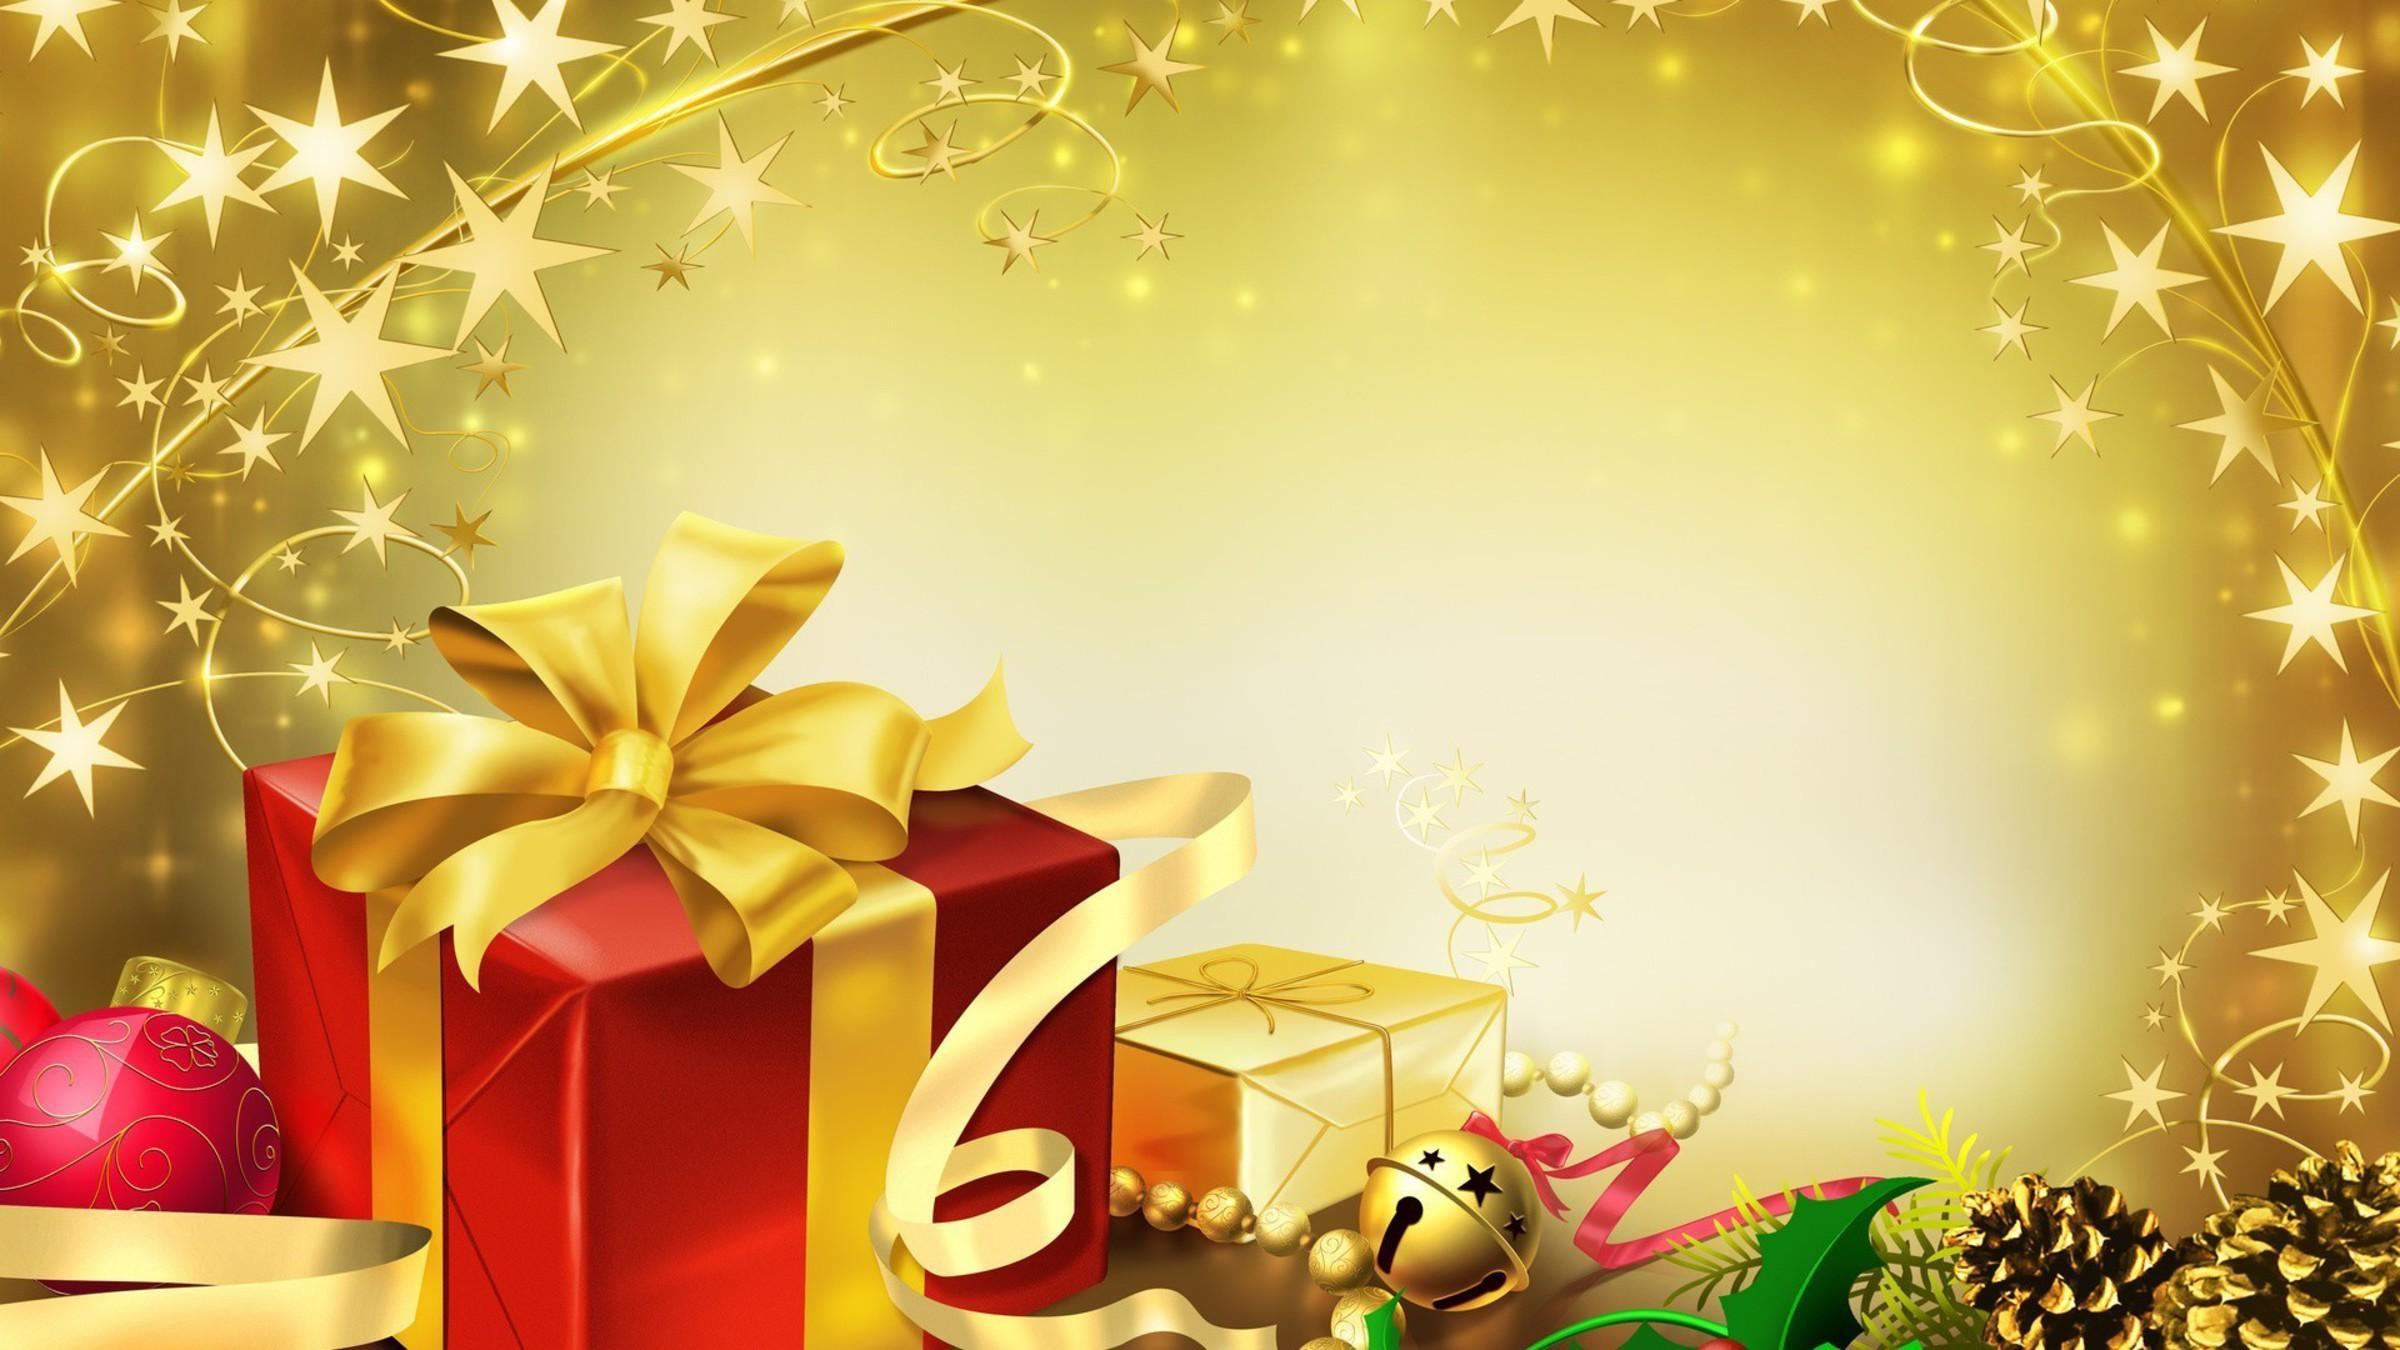 بالصور بوستات اعياد ميلاد , صور ورموز لاعياد الميلاد 3645 6